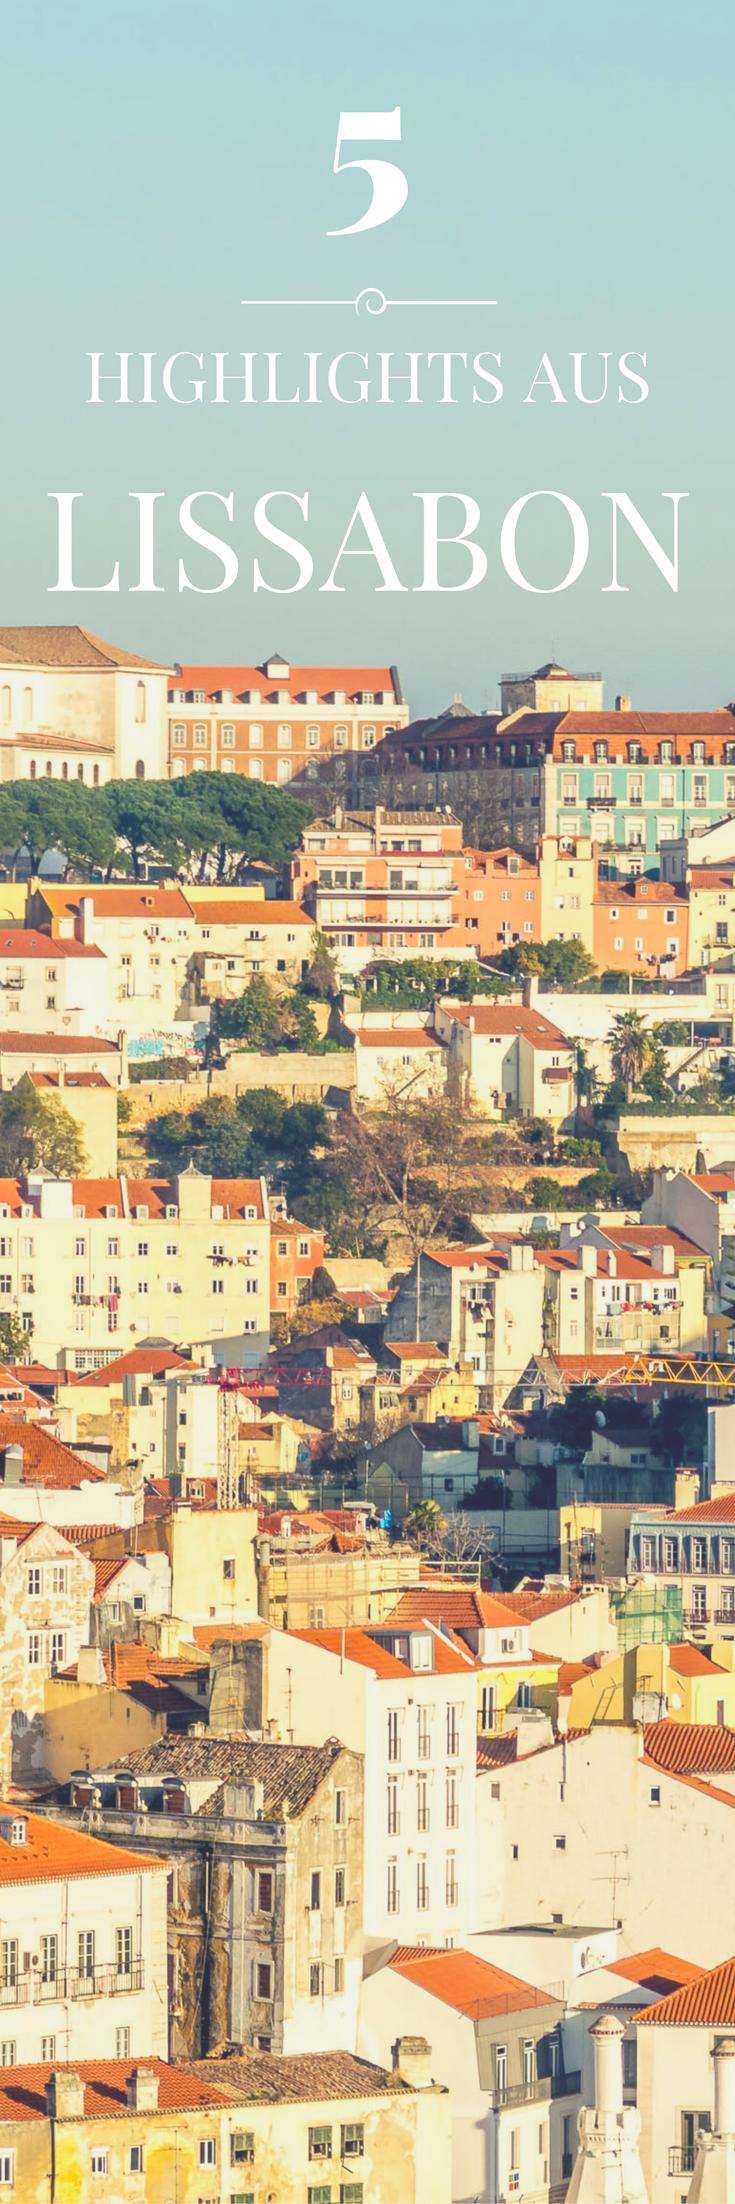 Lissabon Ist Meine Stadt 5 Highlights Aus Einer Woche Unter Alfacinhas  MovinnGroovin